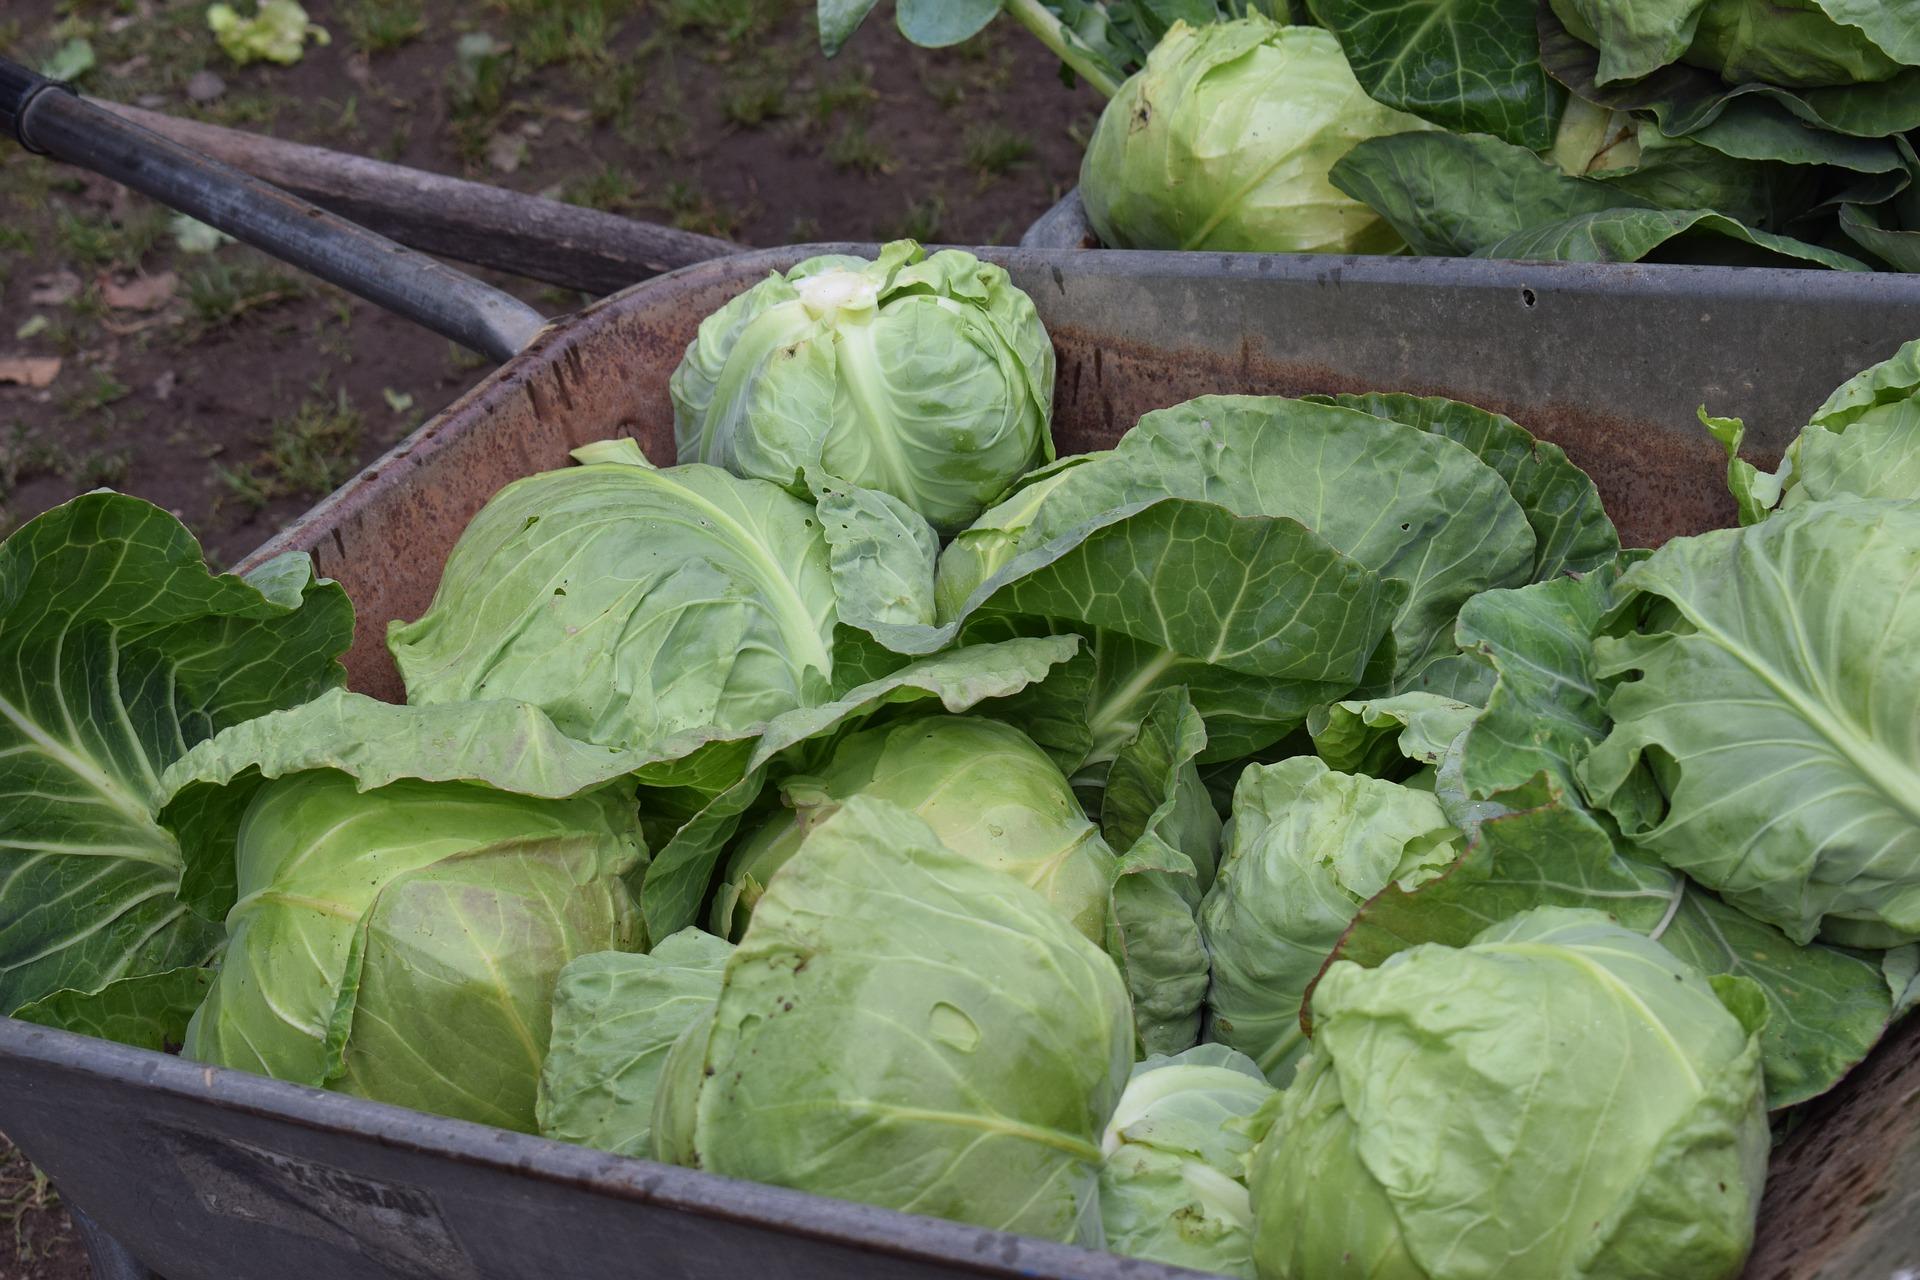 cabbage-2539966_1920.jpg